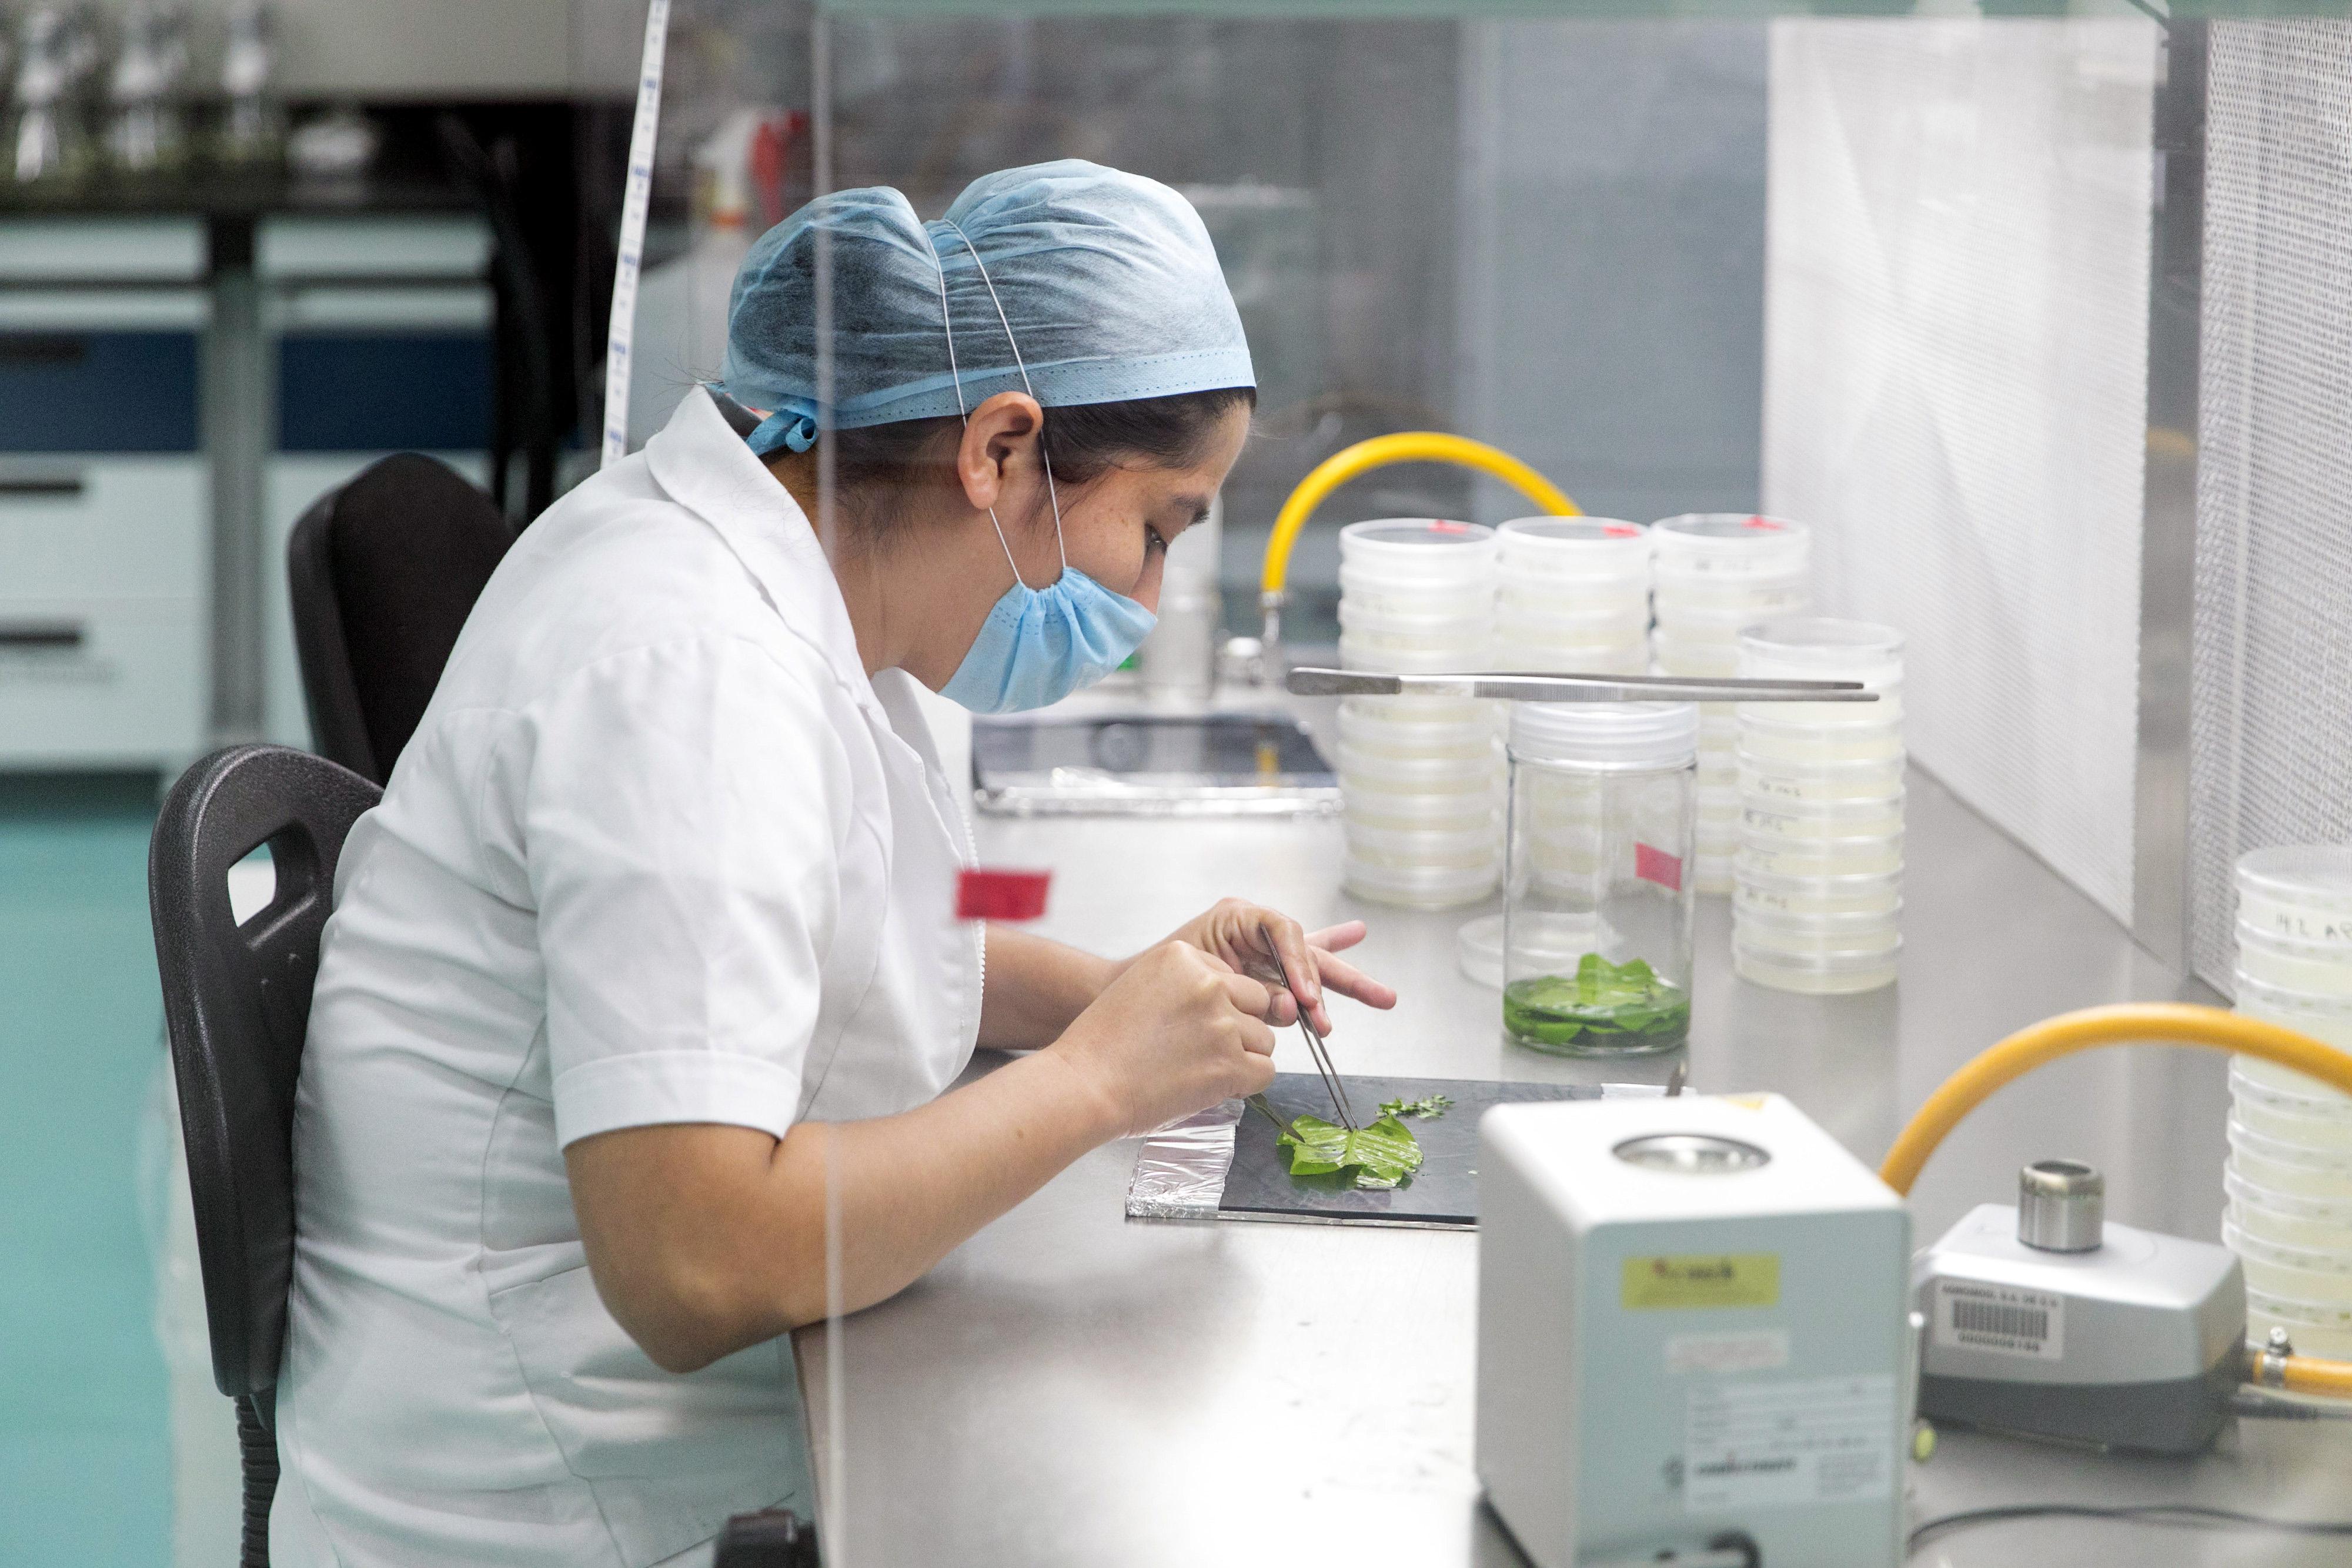 Eine Laborantin in einem mexikanischen Unternehmen für Pflanzenzucht entnimmt Zellen aus einem Kaffeepflanzenblatt. Sie arbeitet mit Mundschutz und Pinzette.